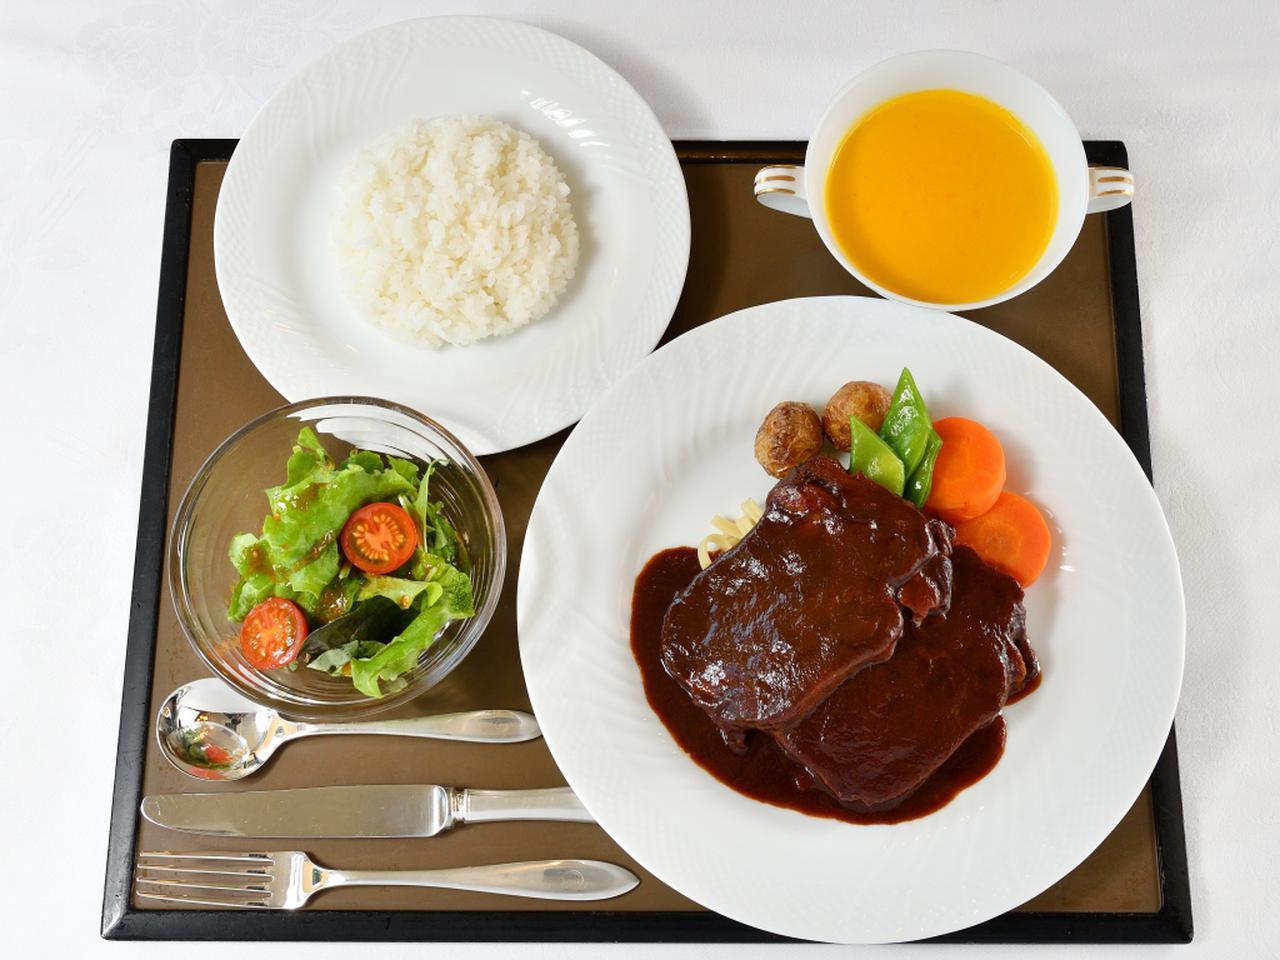 画像: タンシチュー 本日のスープ・サラダ・ライス付(3200円)